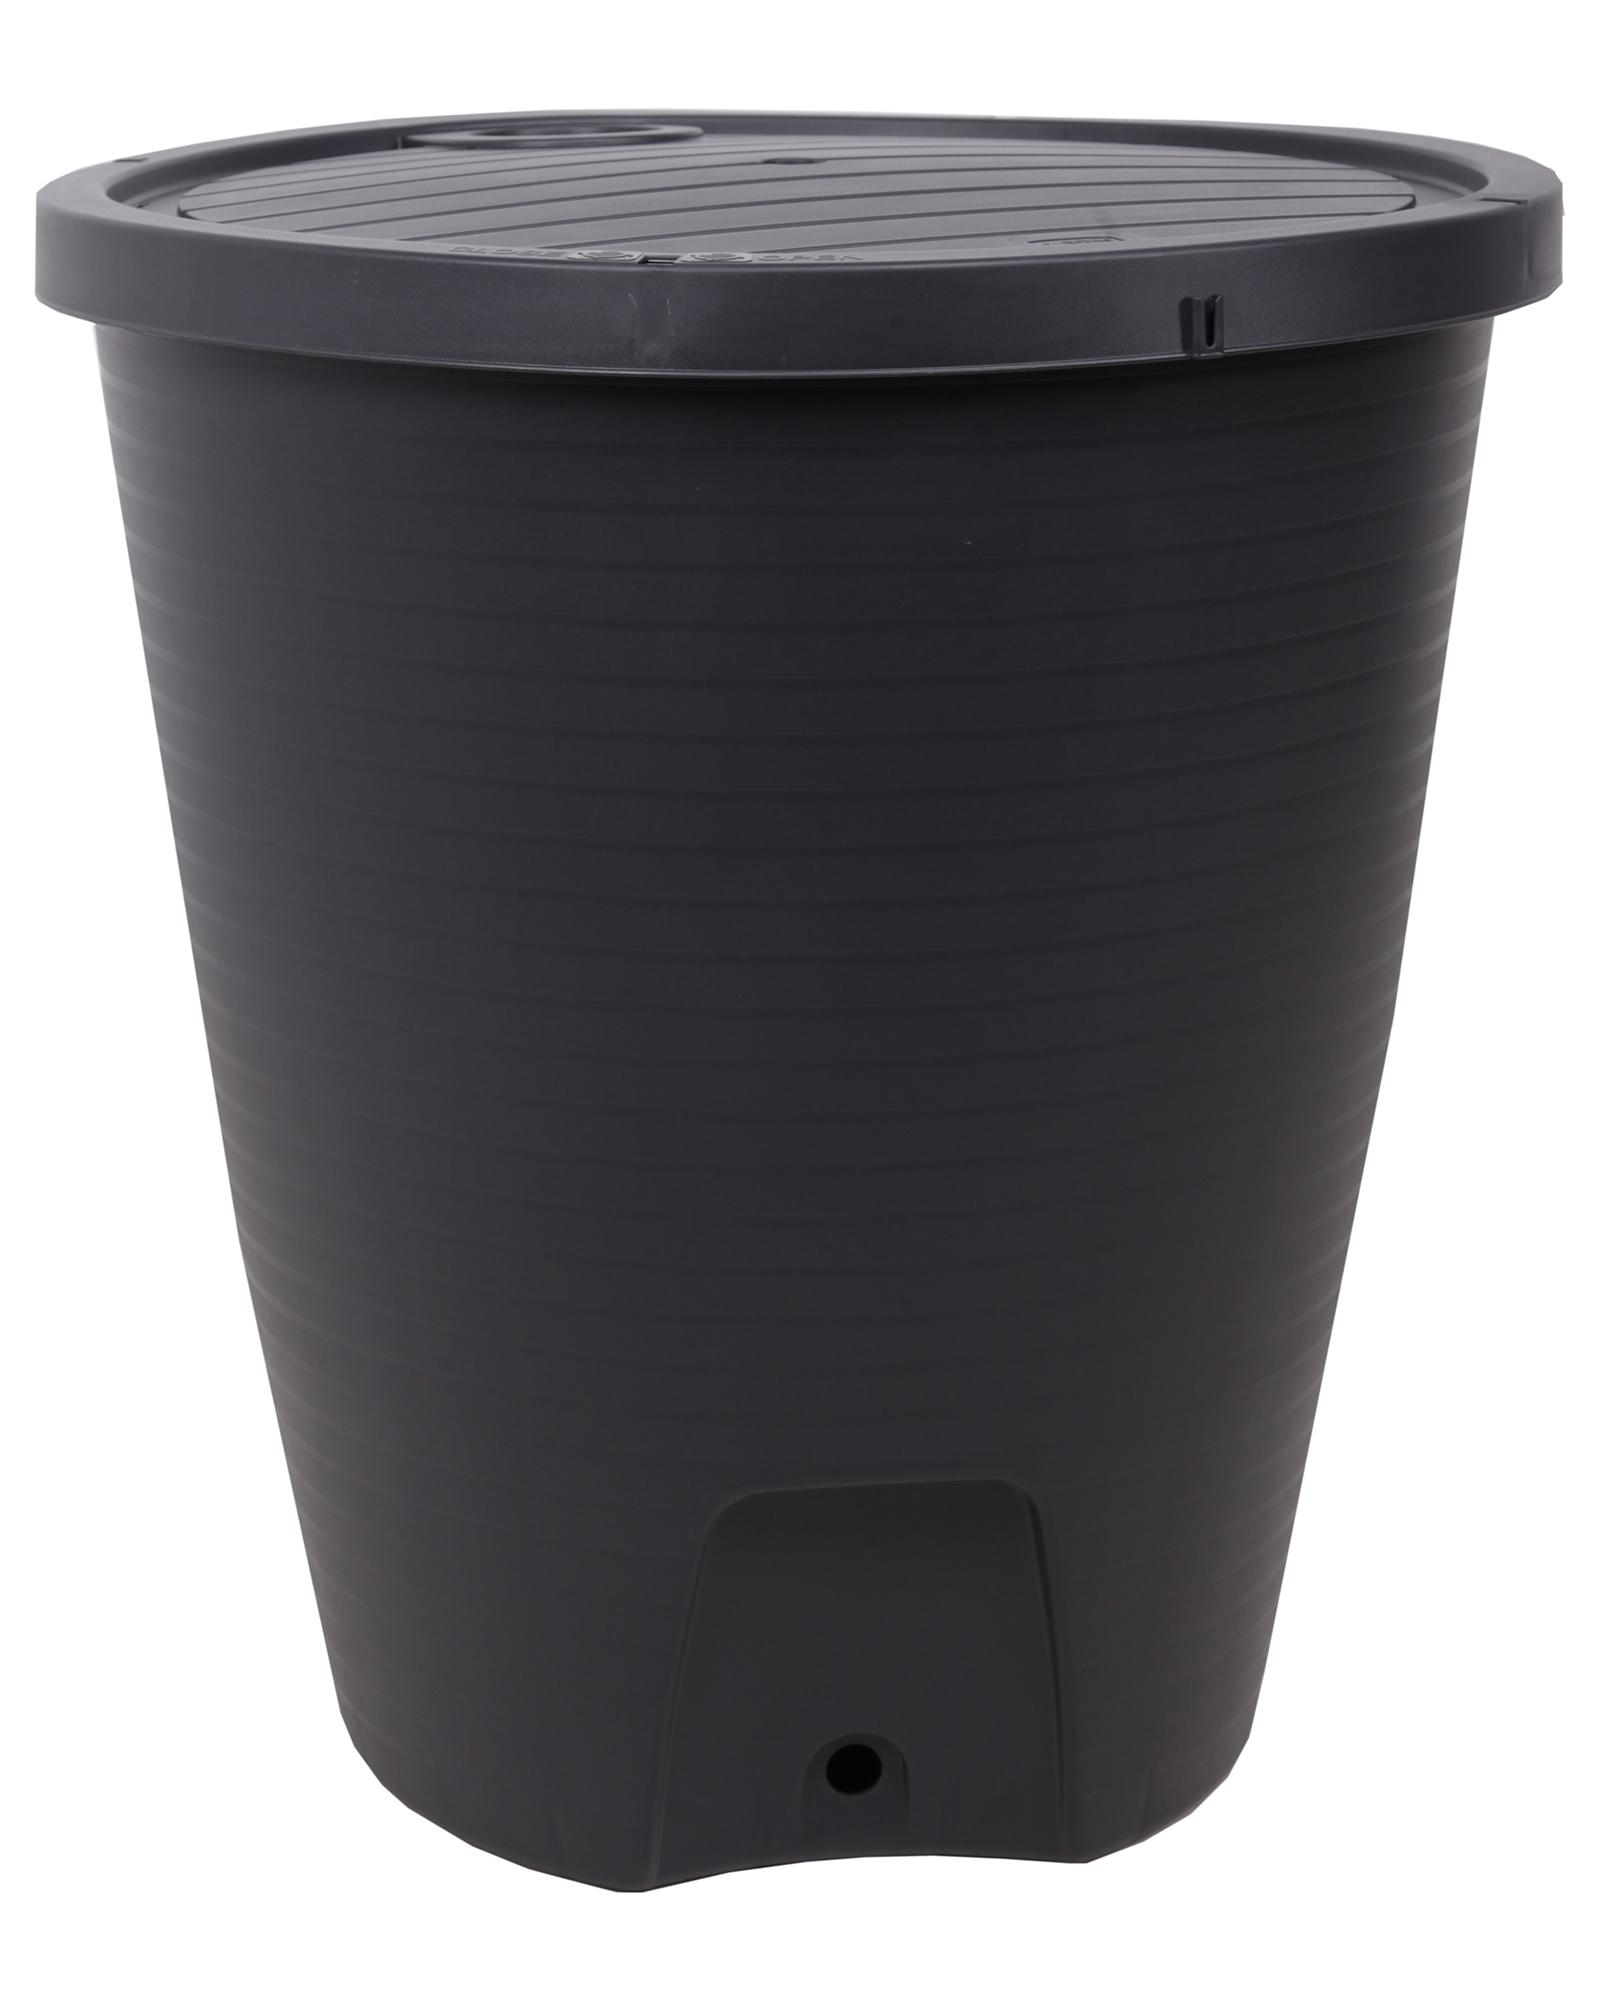 ondis24 regentonne 220 liter mit st nder und f llautomat. Black Bedroom Furniture Sets. Home Design Ideas